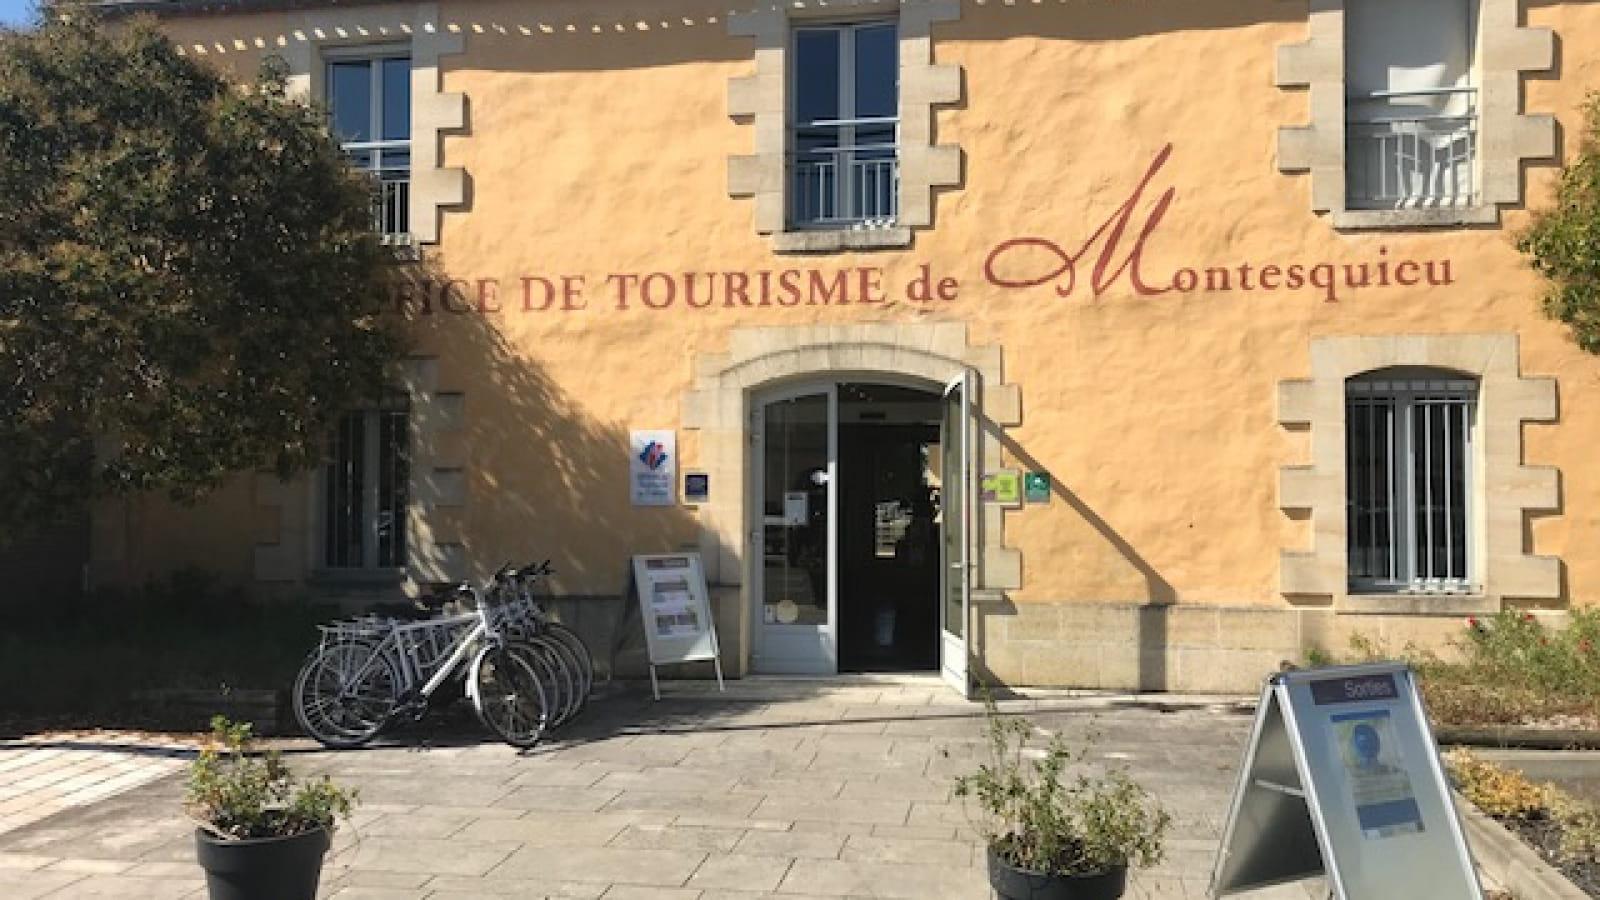 Entrée du bureau d'informations touristiques de Martillac